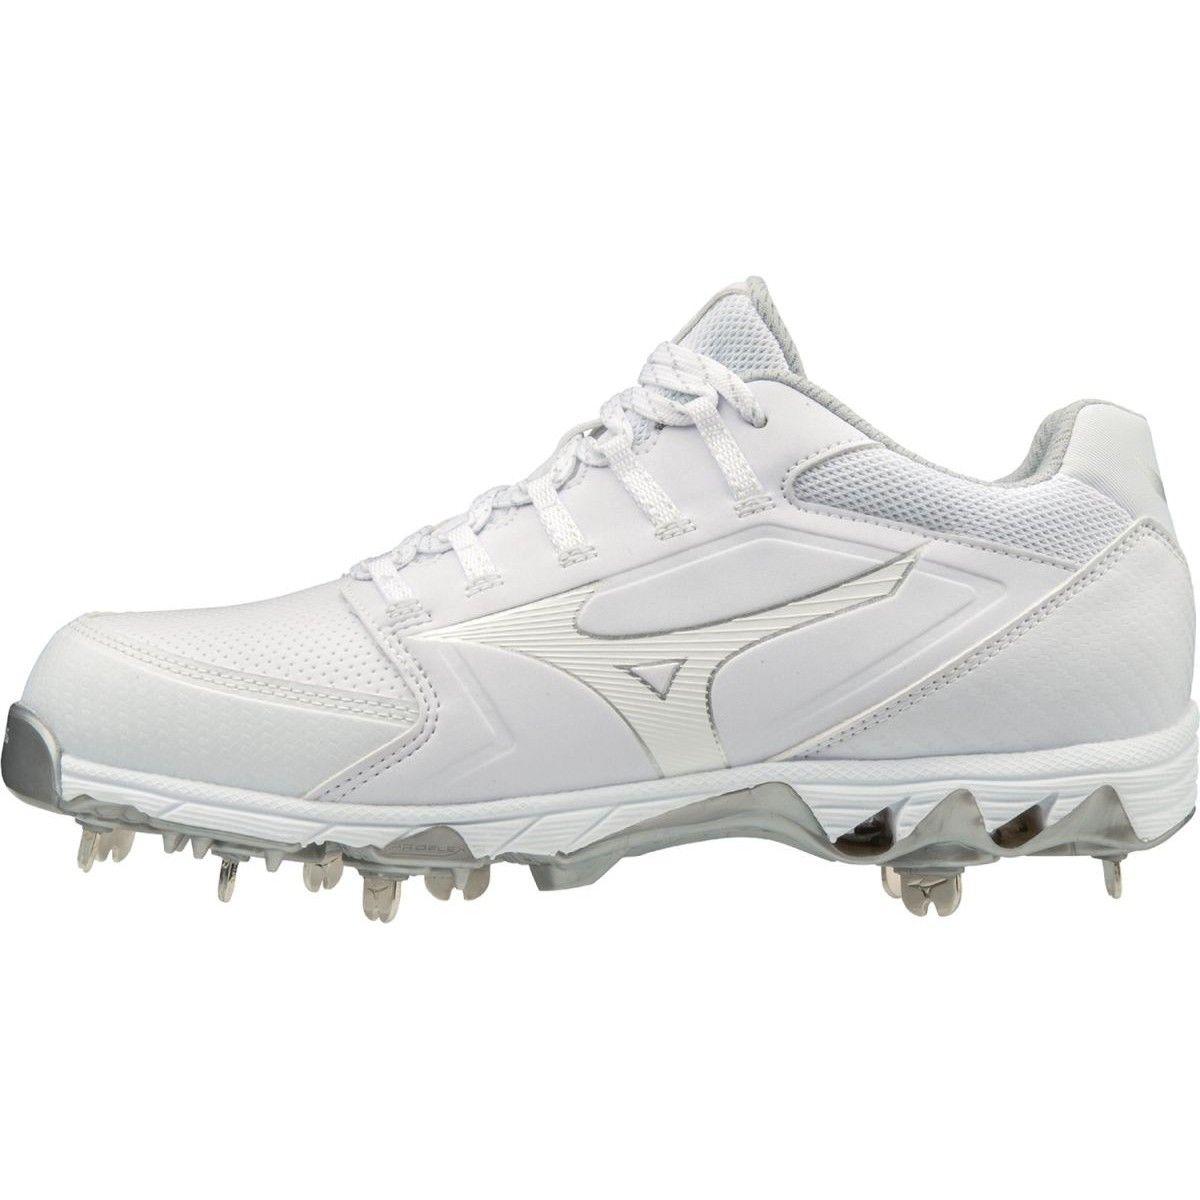 white and black mizuno softball cleats